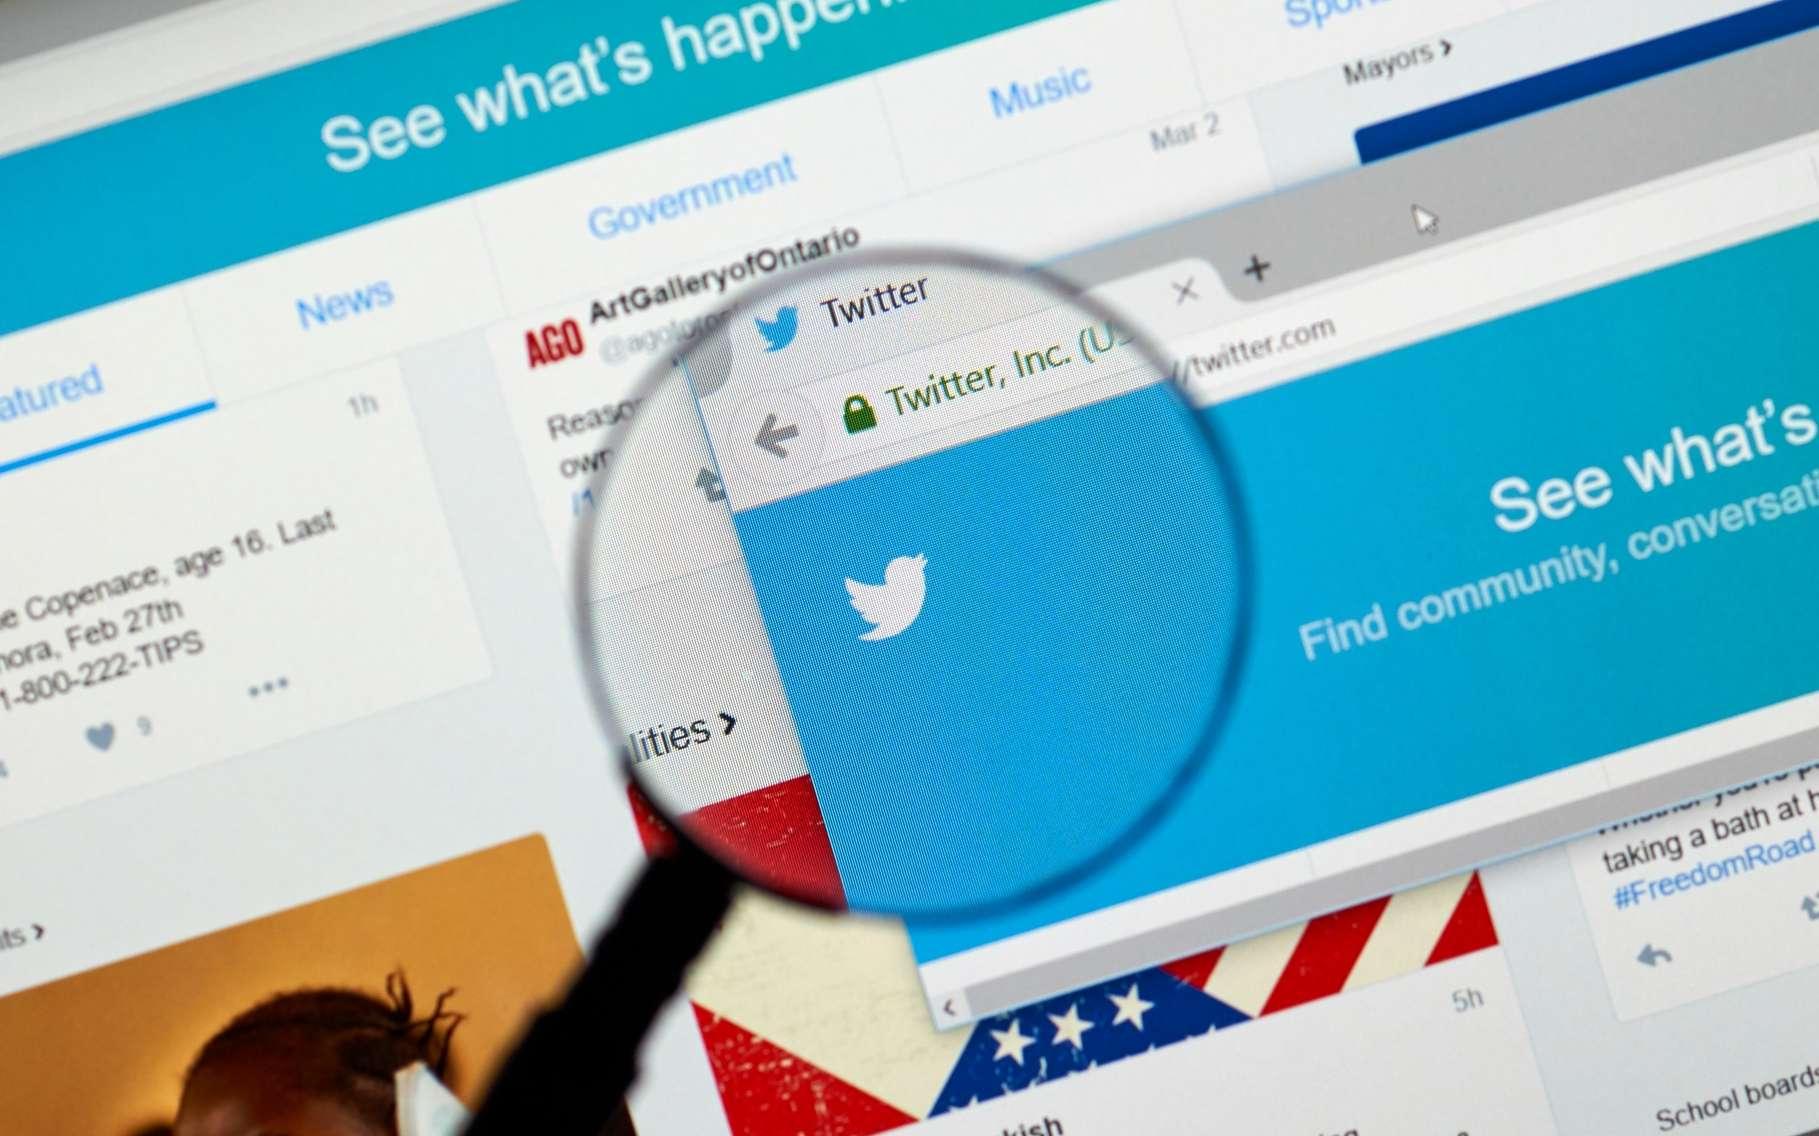 La recherche sur Twitter n'est pas différente de ce que les moteurs de recherche proposent sur Internet. Cependant, des options spécifiques permettent notamment de trouver des contenus en fonction de leur popularité. © Dennizn, Shutterstock